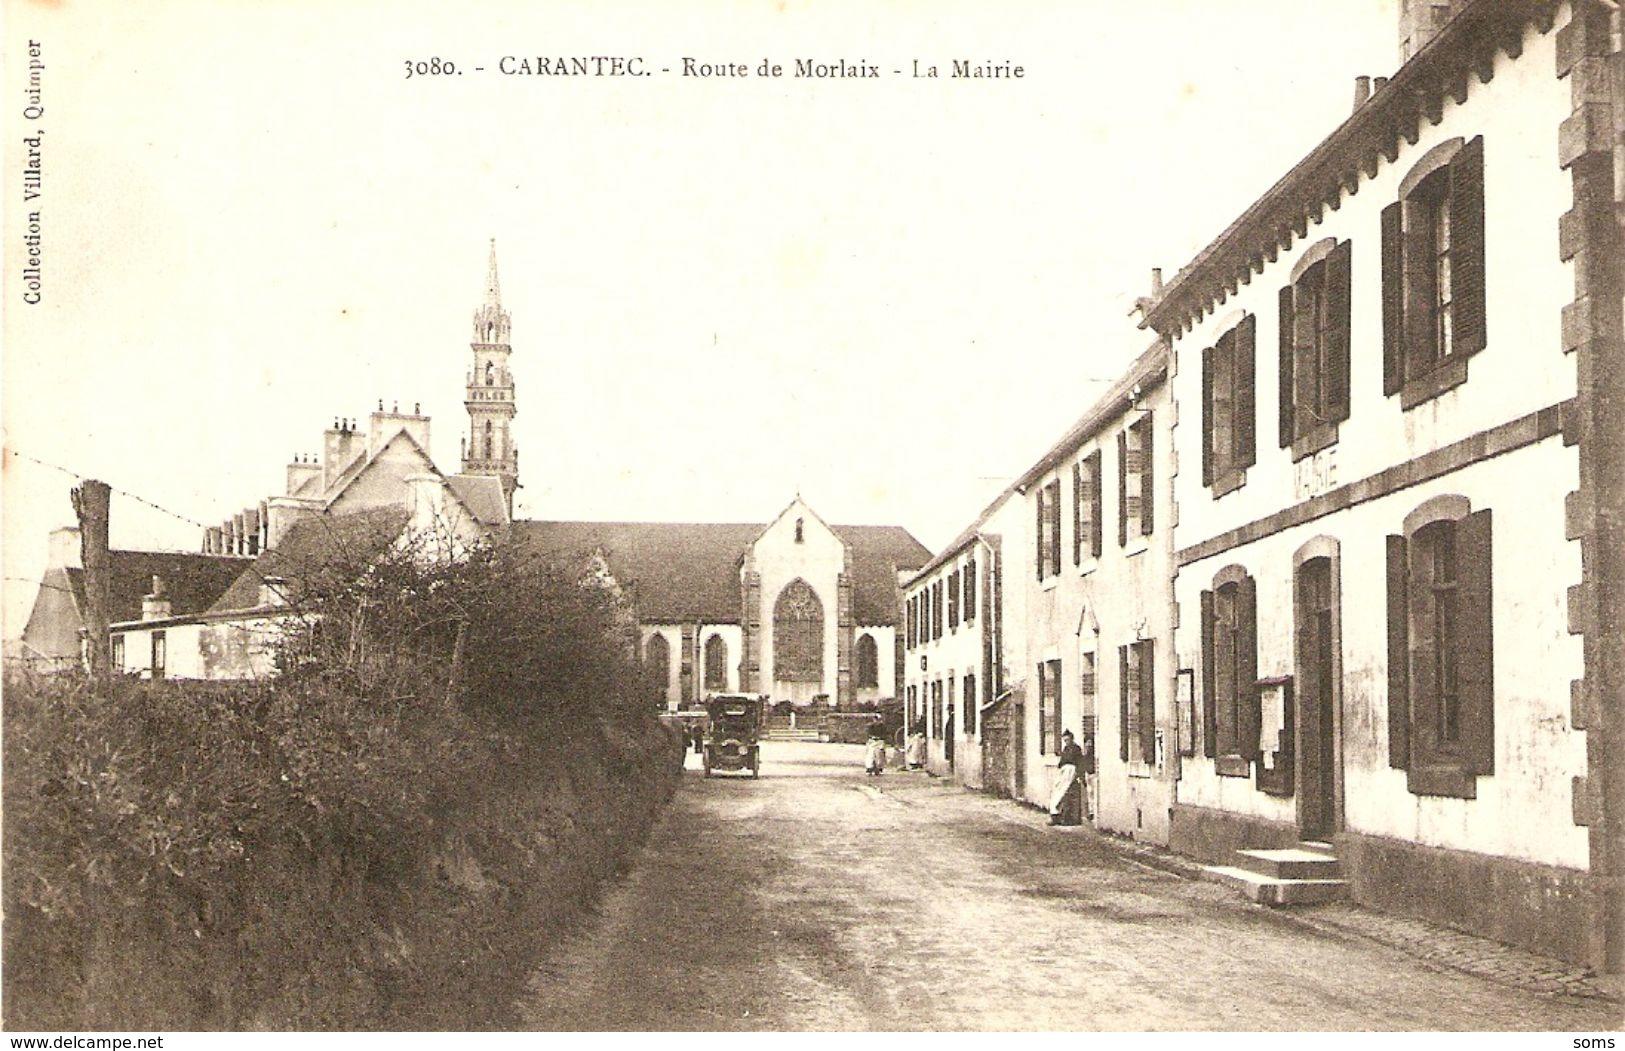 Cpa Du Finistère, Carantec (29), La Mairie Route De Morlaix, Collection Villard 3080, Dos Vierge, Voiture - Carantec